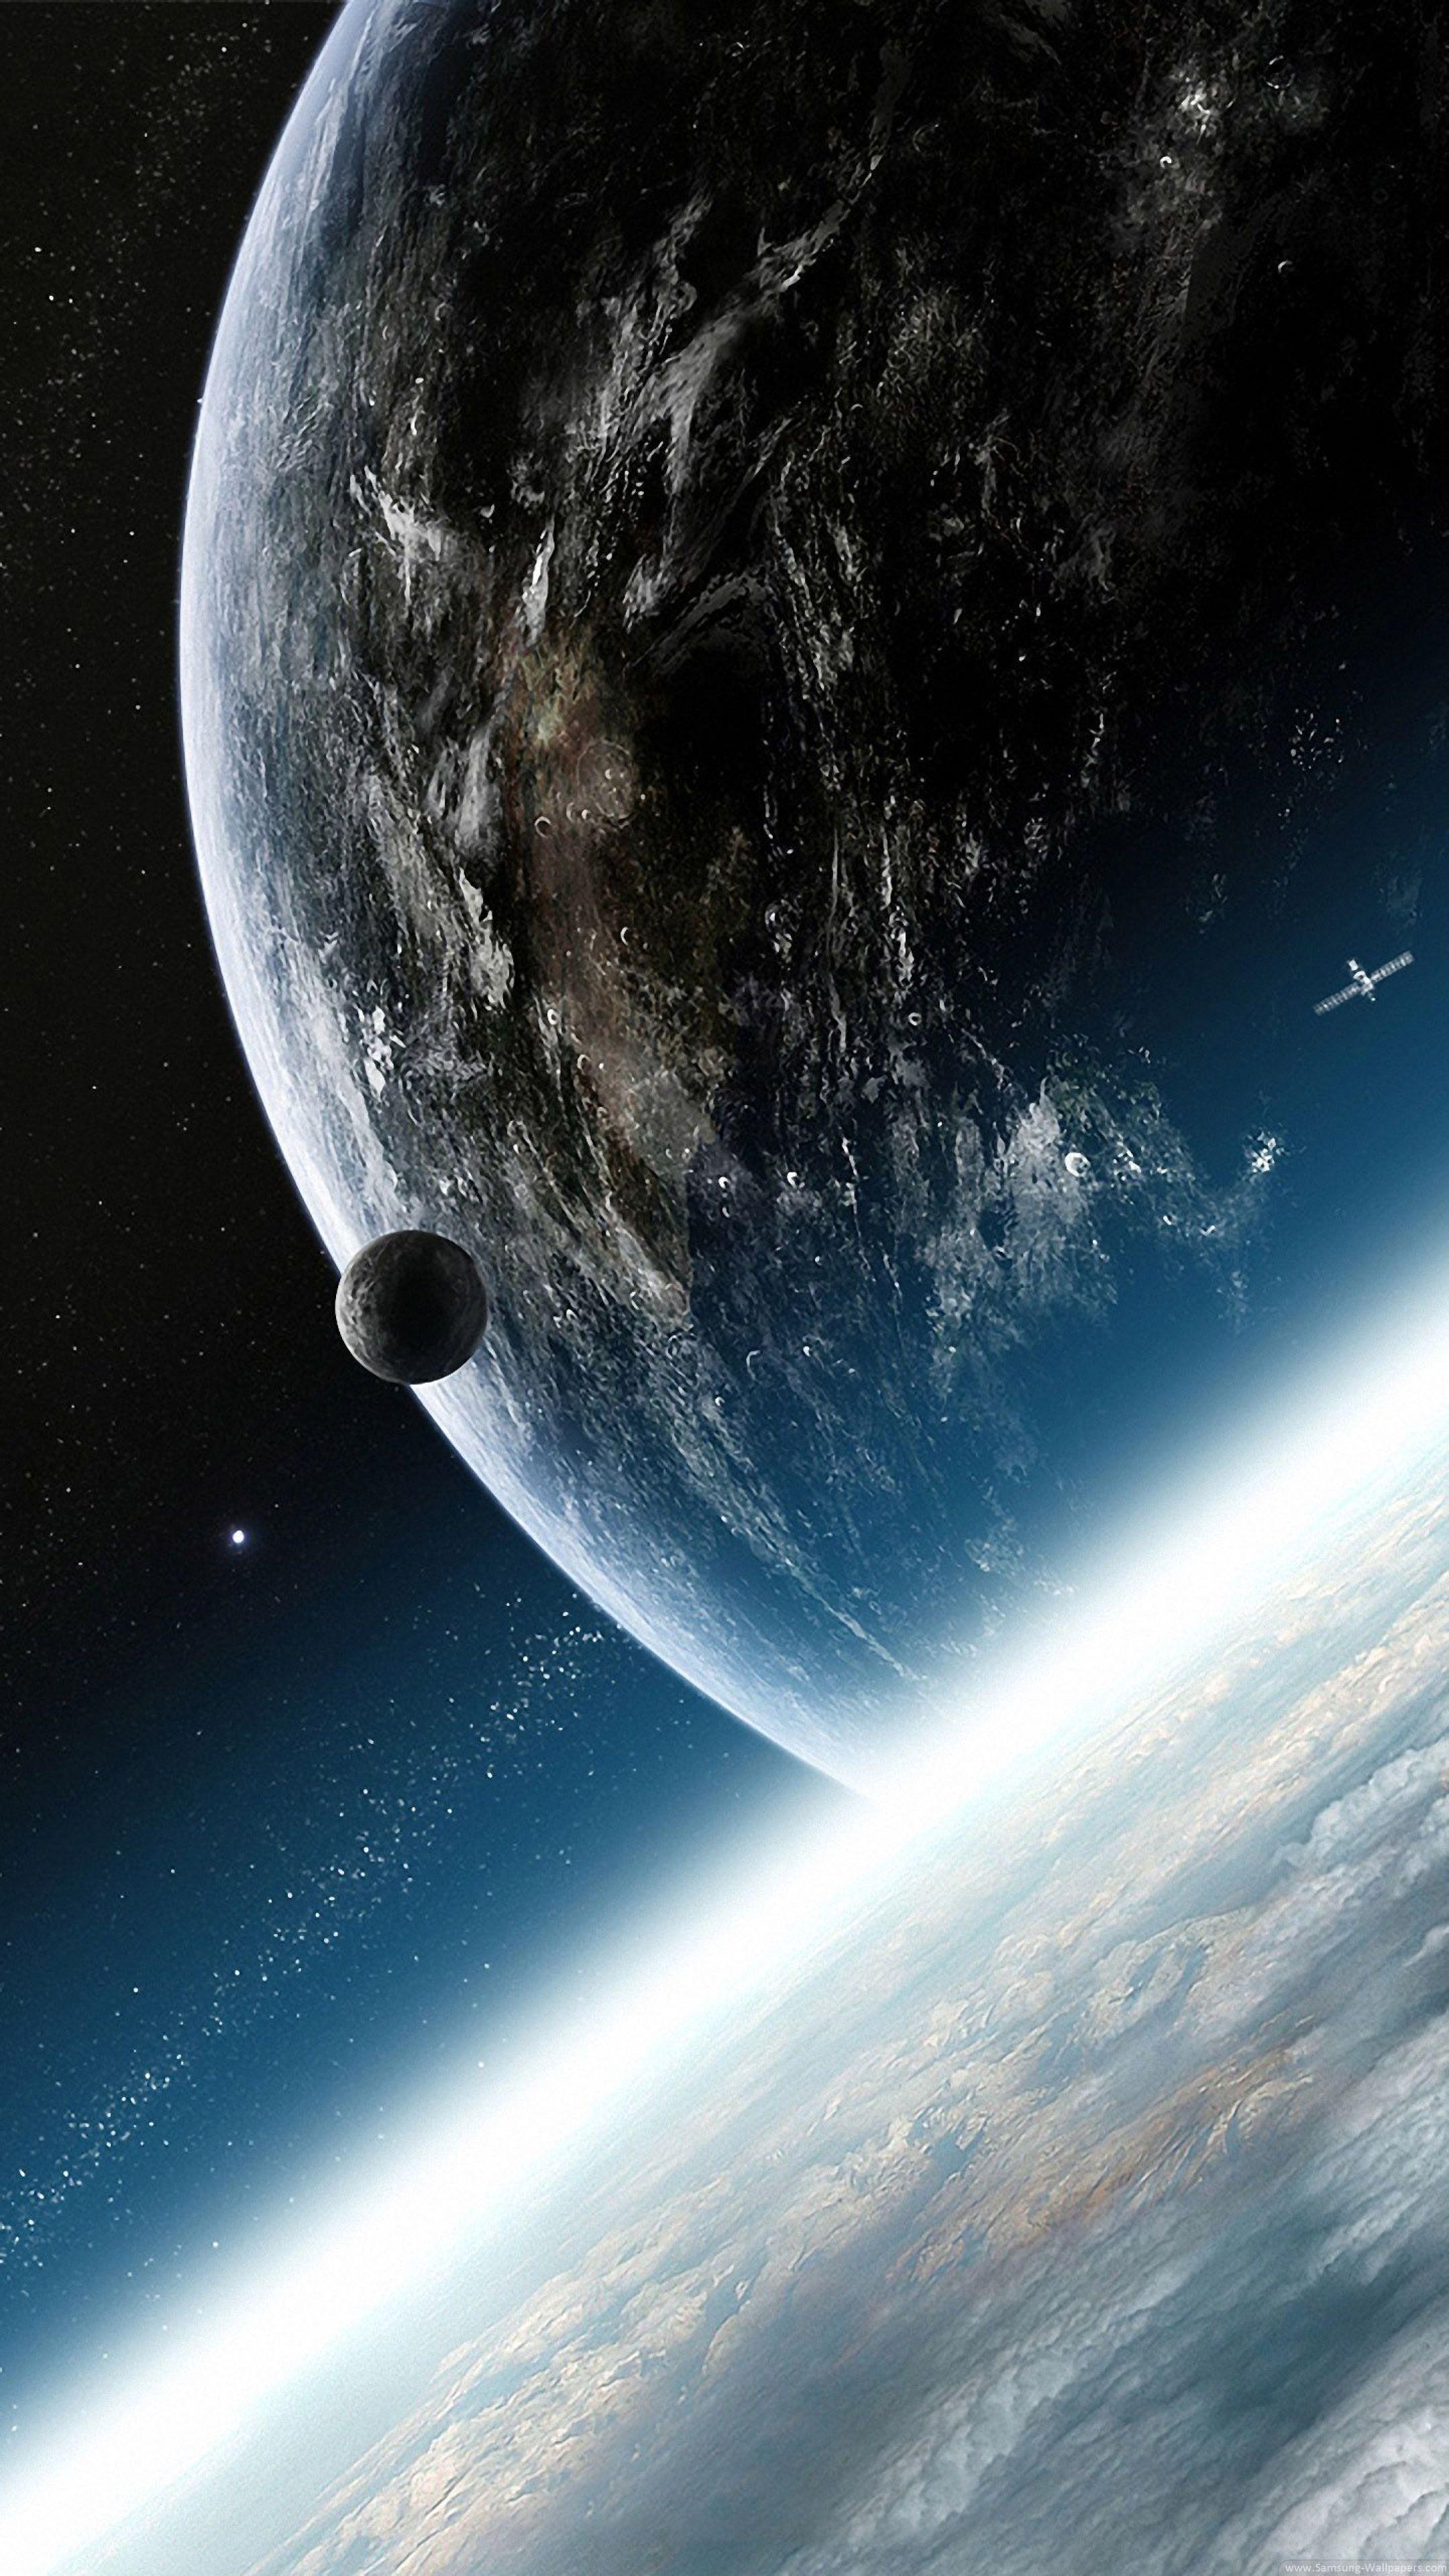 Ảnh 4k cực đẹp để làm hình nền điện thoại - Tinh hệ mặt trời